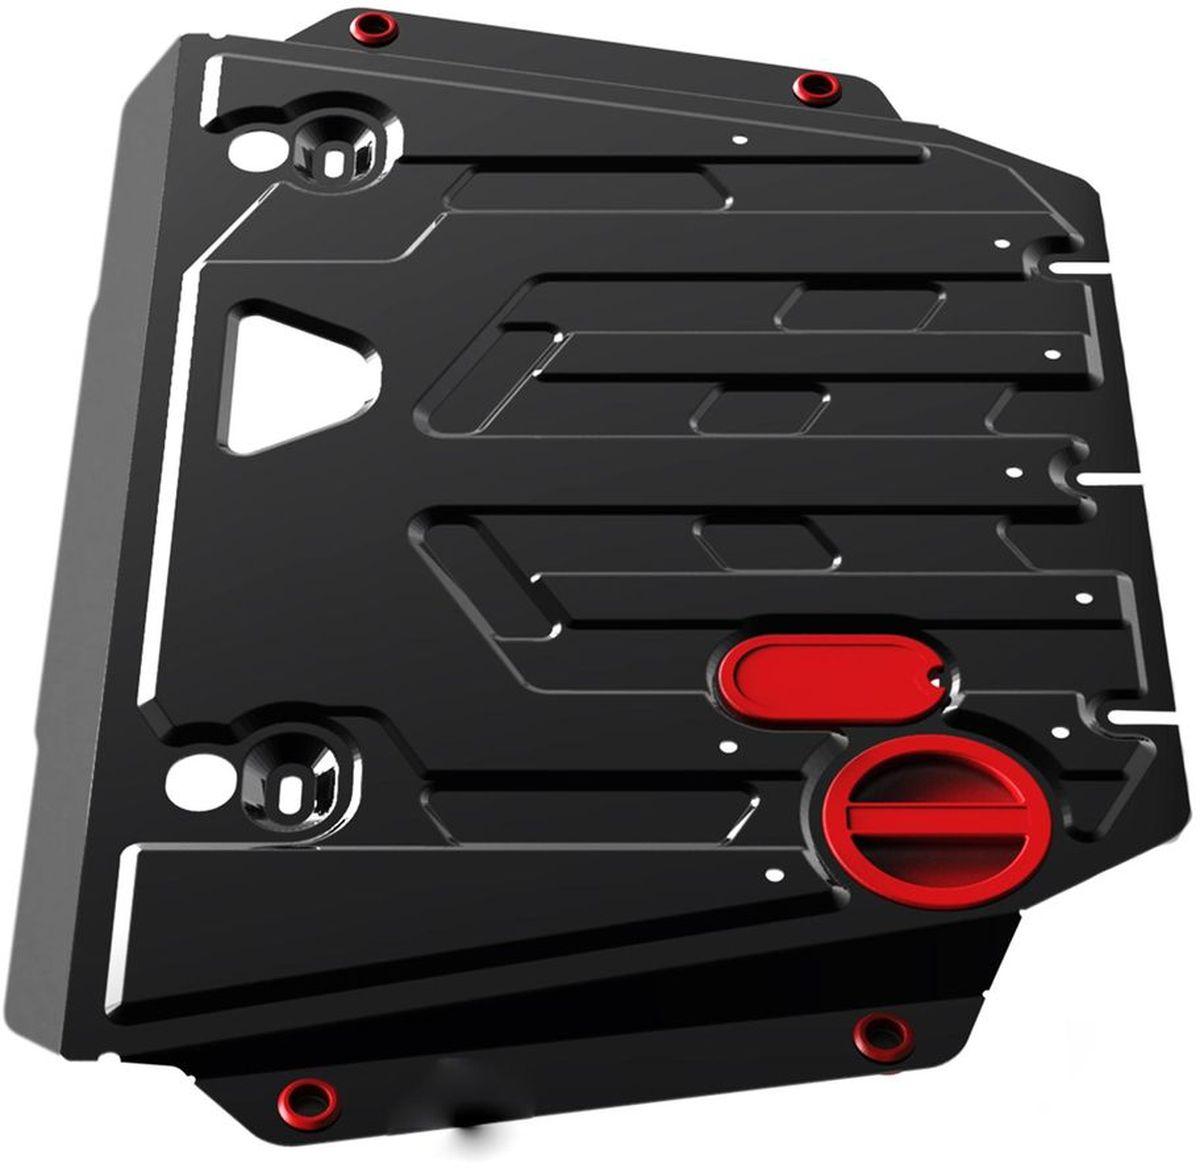 Защита картера и КПП Автоброня, для Big Mazda CX-5, V-2,0;2,5 (2011-)/Mazda 6, V-2,0;2,5(2012-)/Mazda 3,V-1,5(2013-)111.03817.1Технологически совершенный продукт за невысокую стоимость. Защита разработана с учетом особенностей днища автомобиля, что позволяет сохранить дорожный просвет с минимальным изменением. Защита устанавливается в штатные места кузова автомобиля. Глубокий штамп обеспечивает до двух раз больше жесткости в сравнении с обычной защитой той же толщины. Проштампованные ребра жесткости препятствуют деформации защиты при ударах. Тепловой зазор и вентиляционные отверстия обеспечивают сохранение температурного режима двигателя в норме. Скрытый крепеж предотвращает срыв крепежных элементов при наезде на препятствие. Шумопоглощающие резиновые элементы обеспечивают комфортную езду без вибраций и скрежета металла, а съемные лючки для слива масла и замены фильтра - экономию средств и время. Конструкция изделия не влияет на пассивную безопасность автомобиля (при ударе защита не воздействует на деформационные зоны кузова). Со штатным крепежом. В комплекте инструкция по установке....